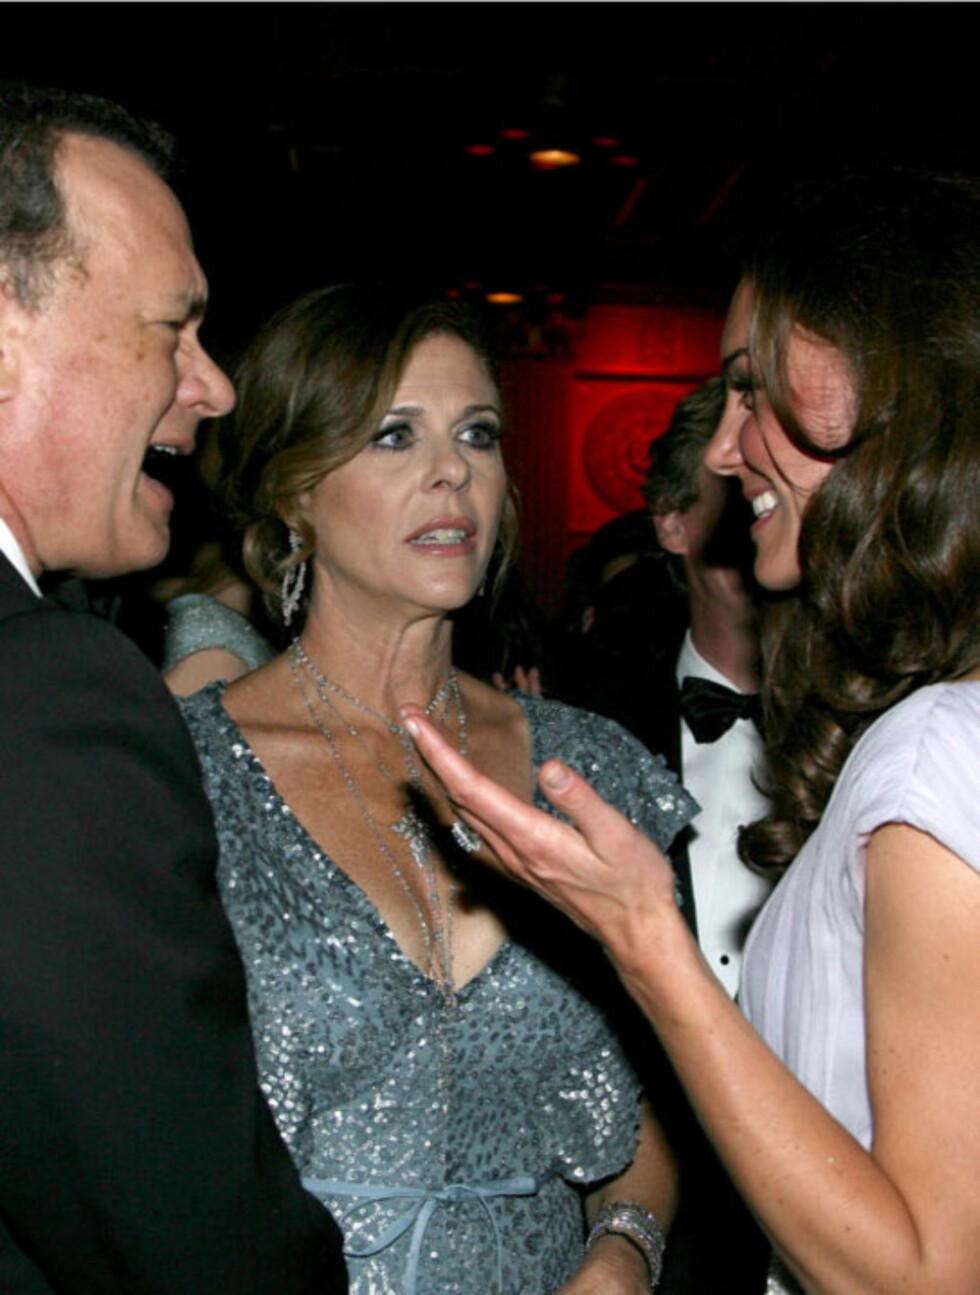 STJERNELAG: Kate og William minglet med Hollywoodstjernene lørdag kveld. Her sjarmerer hertuginnen (t.h) Oscar-vinner Tom Hanks (t.v) og hans skuespillerkone Rita Wilson.  Foto: STELLA PICTURES